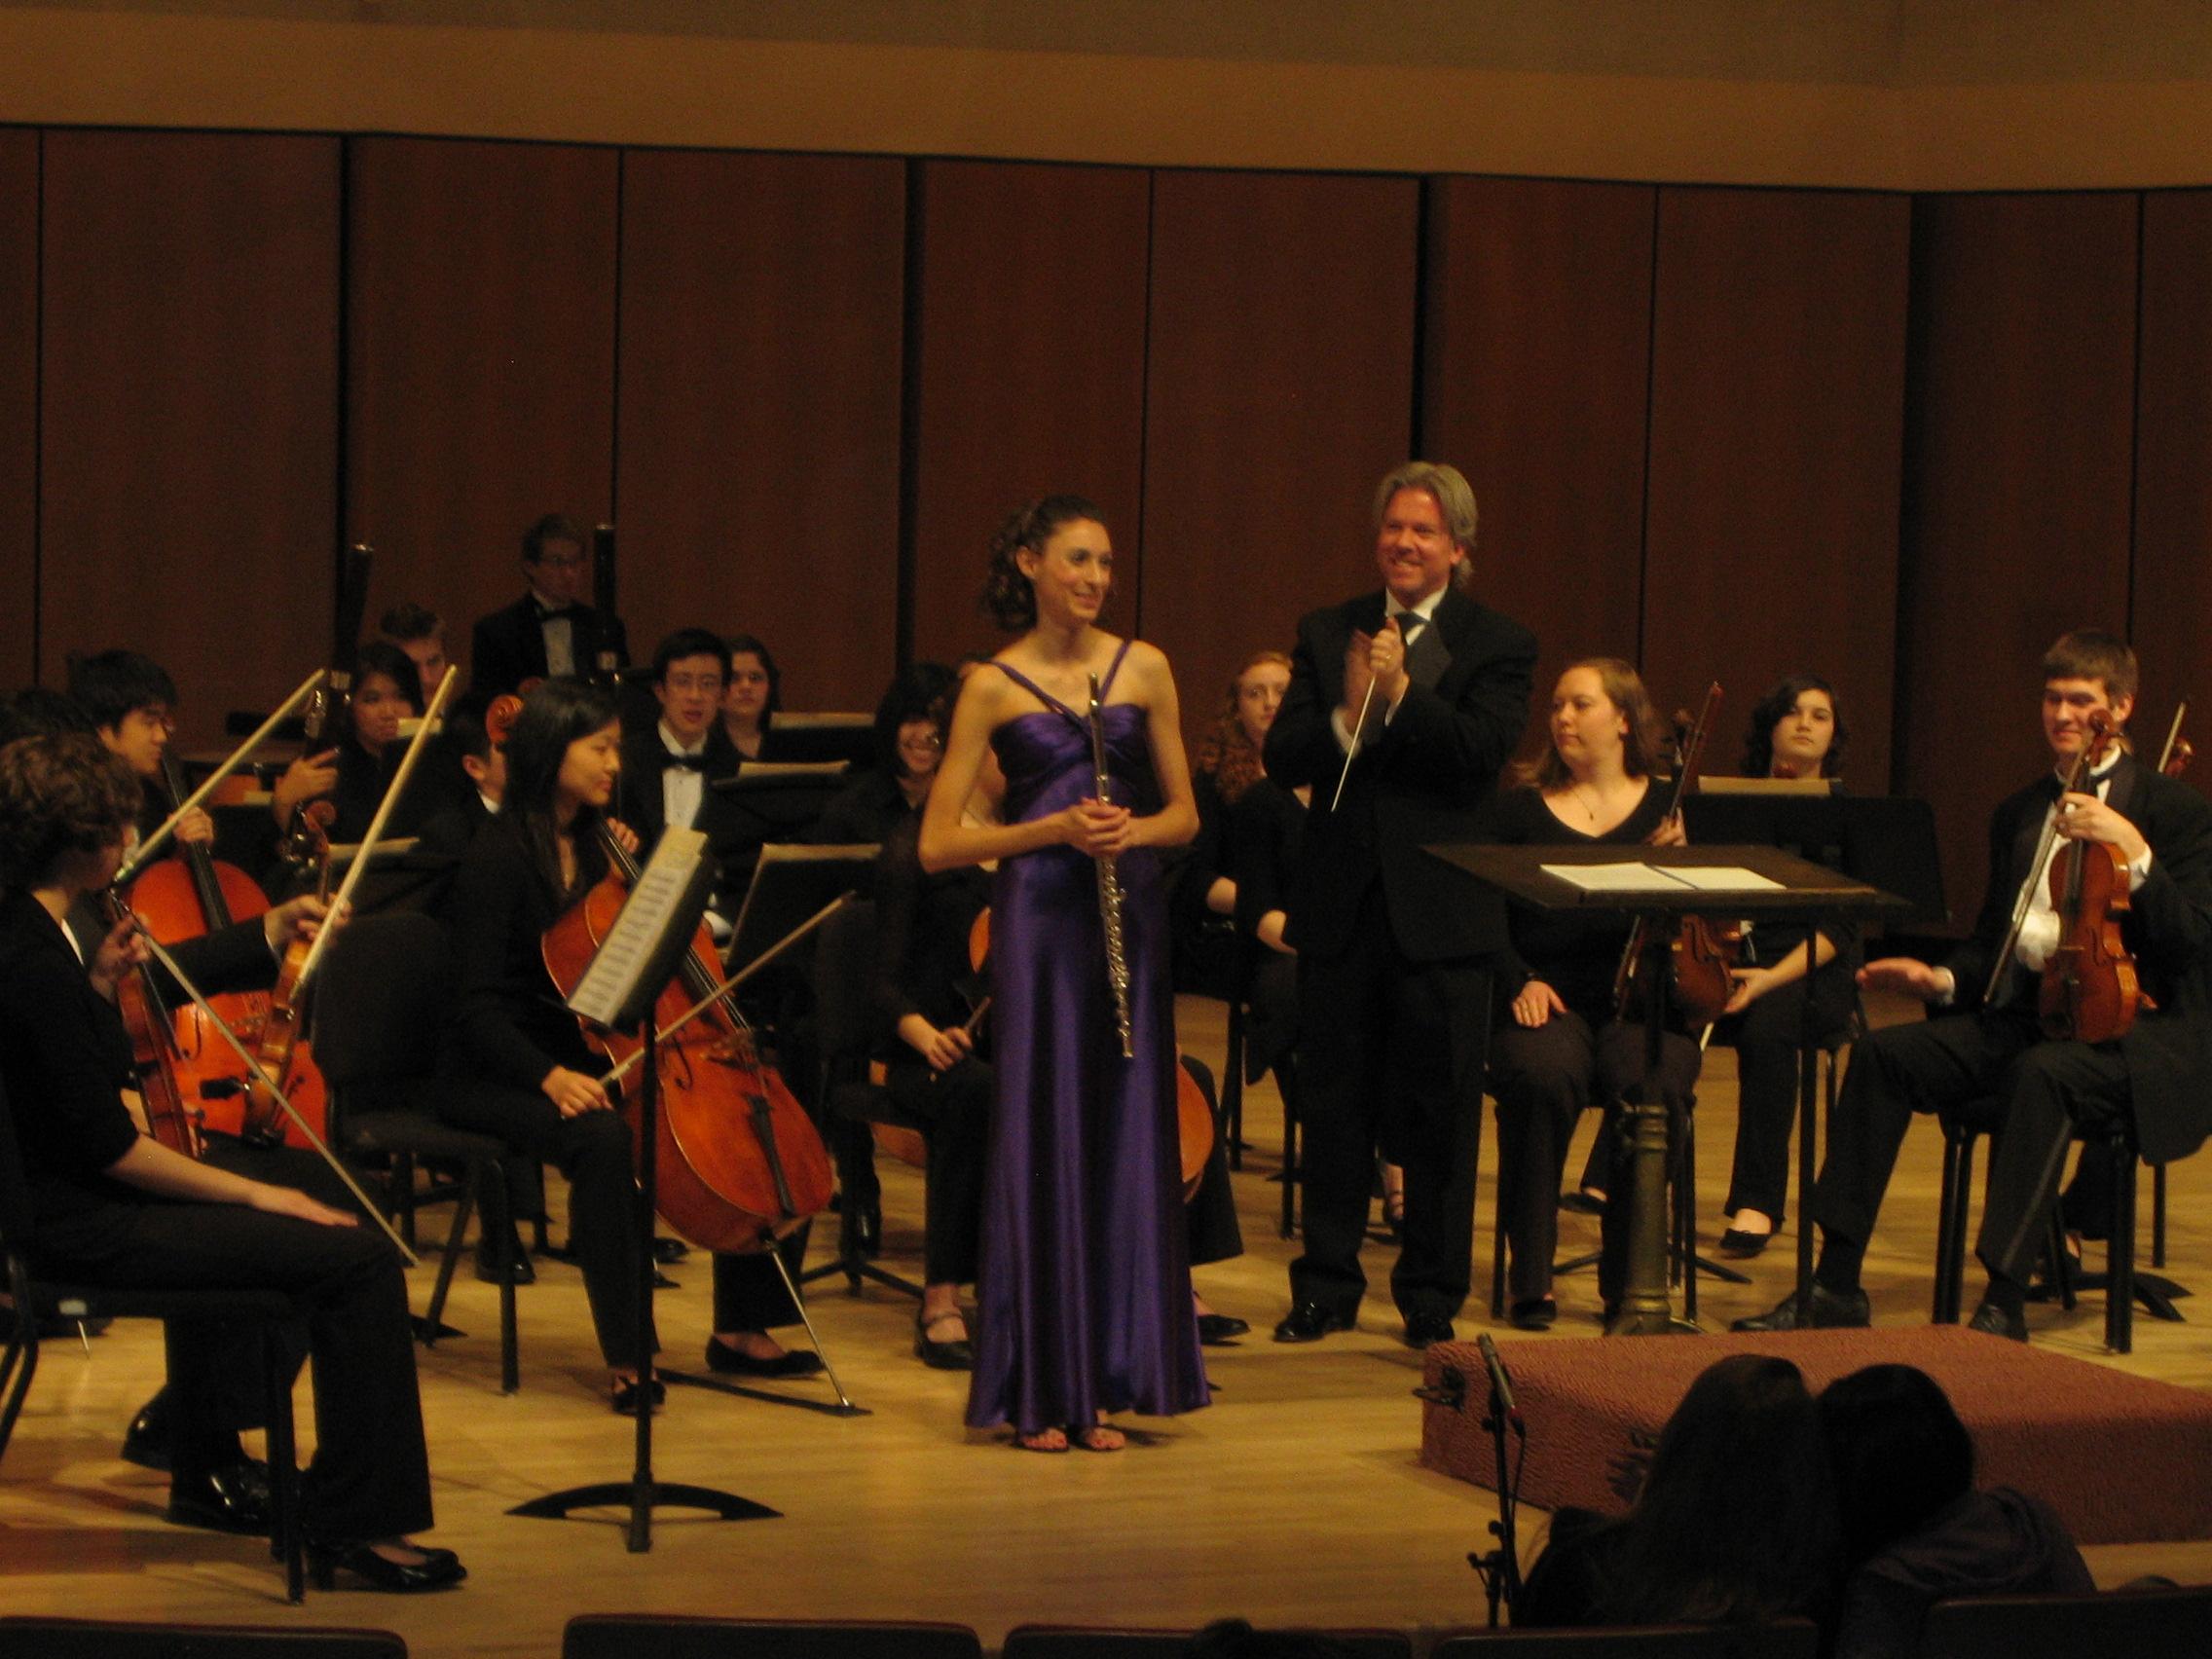 Romberg Concerto Performance